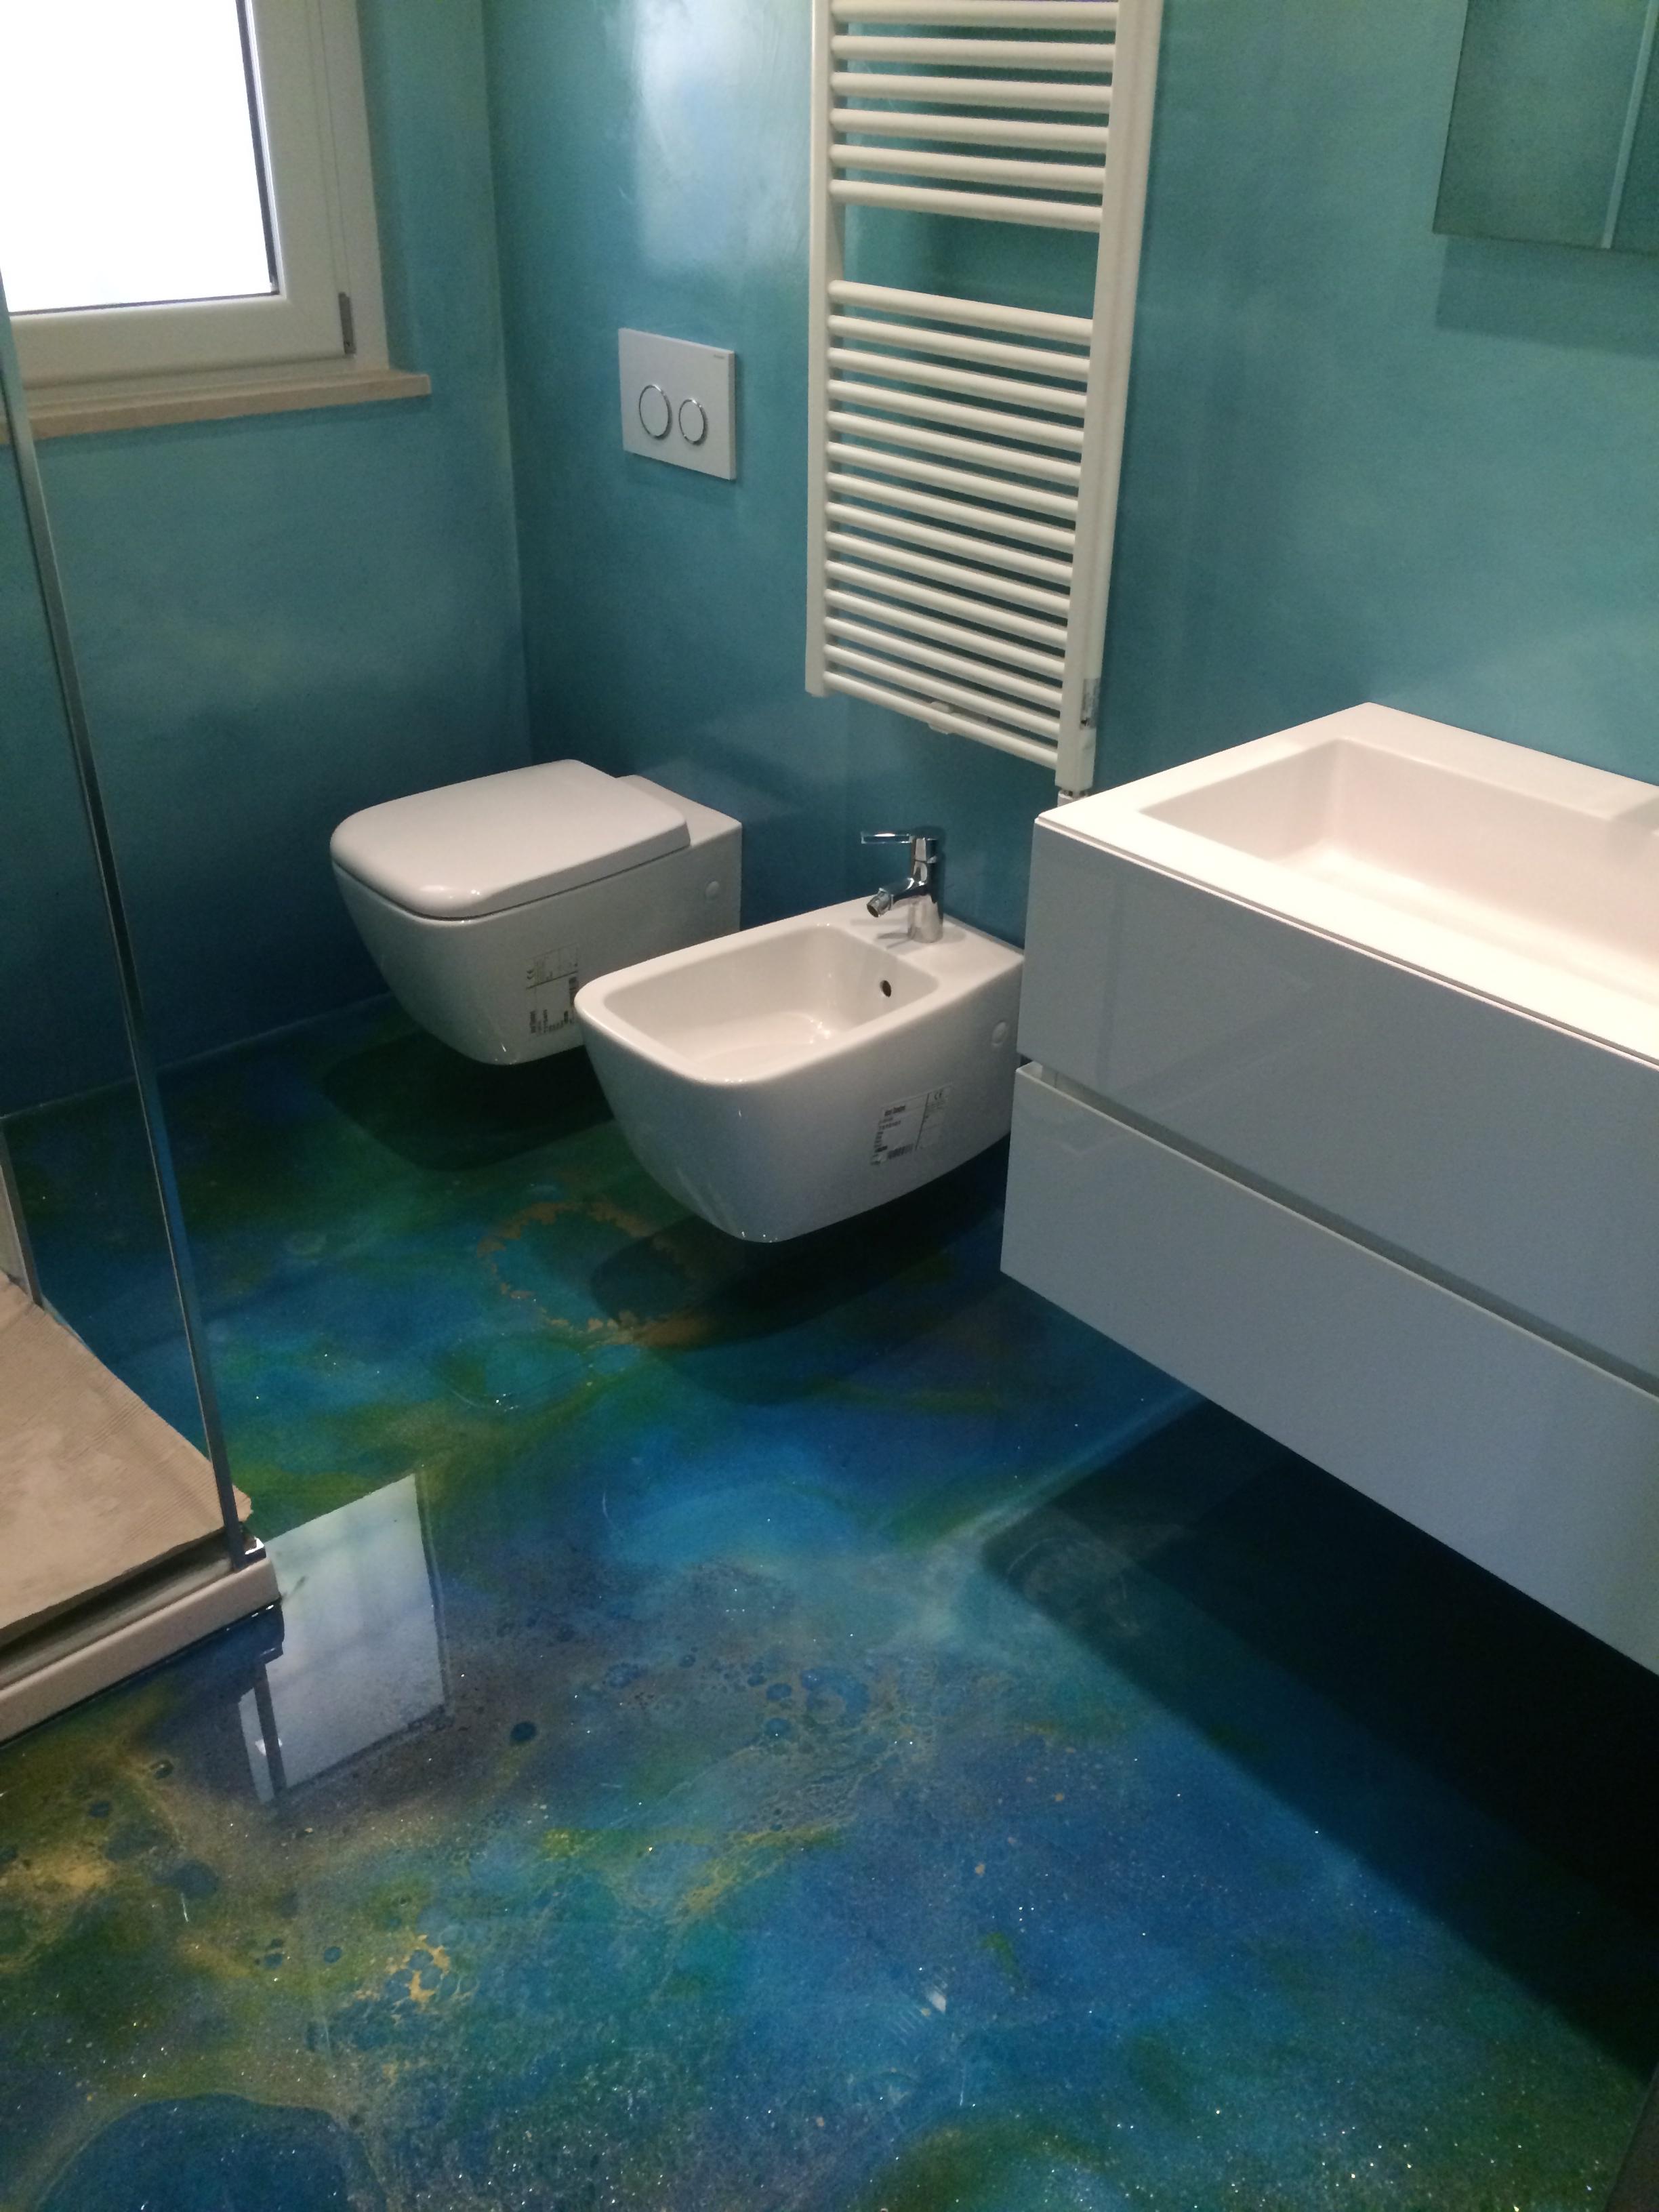 Cassettiere sospese per ingressi - Pavimenti in resina per bagno ...